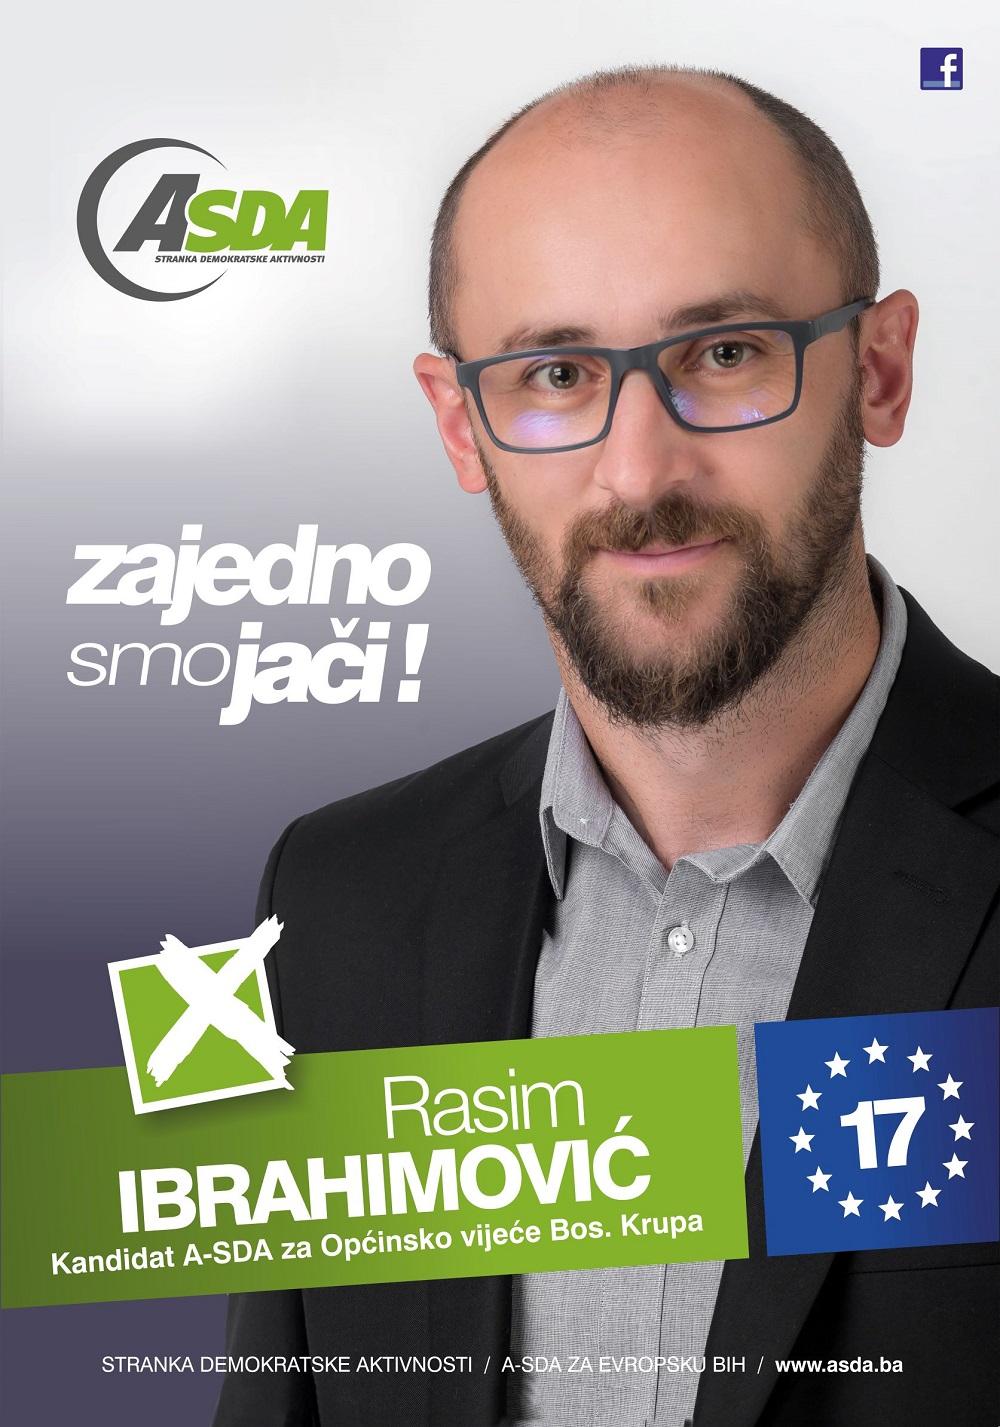 Rasim Ibrahimović